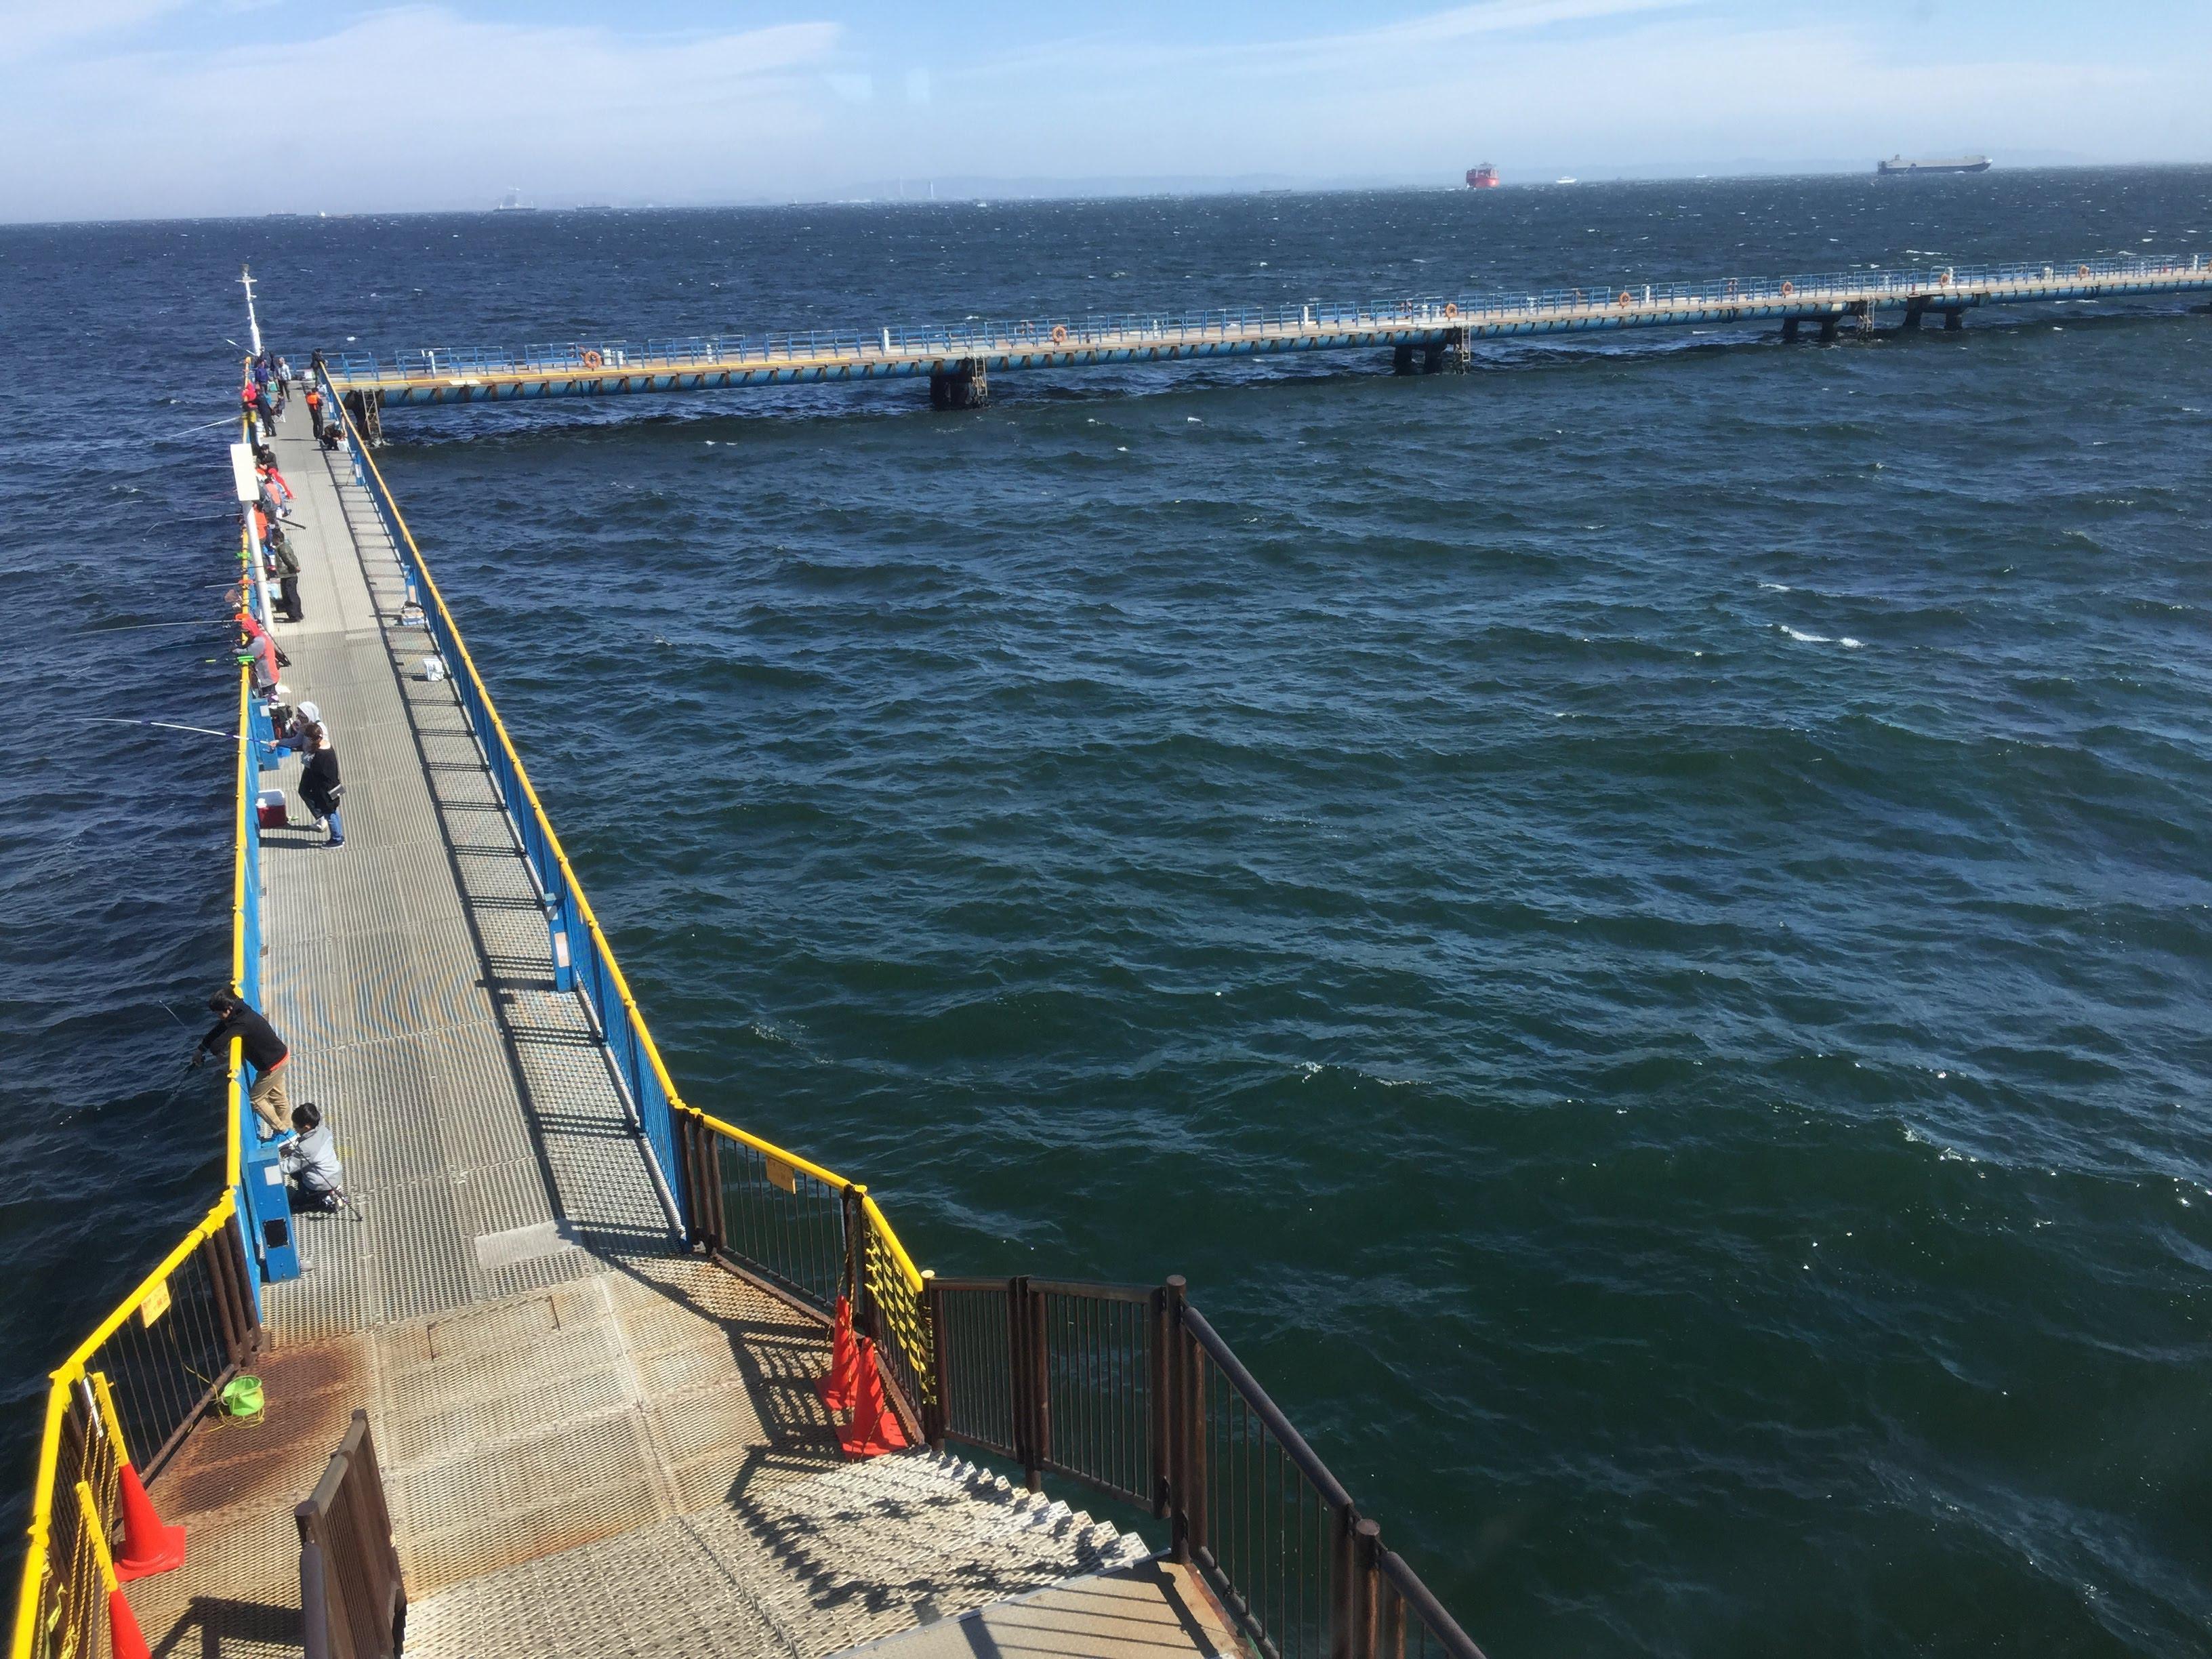 磯子海釣り施設の攻略方法を解説!おすすめのポイントや釣り方をご紹介!